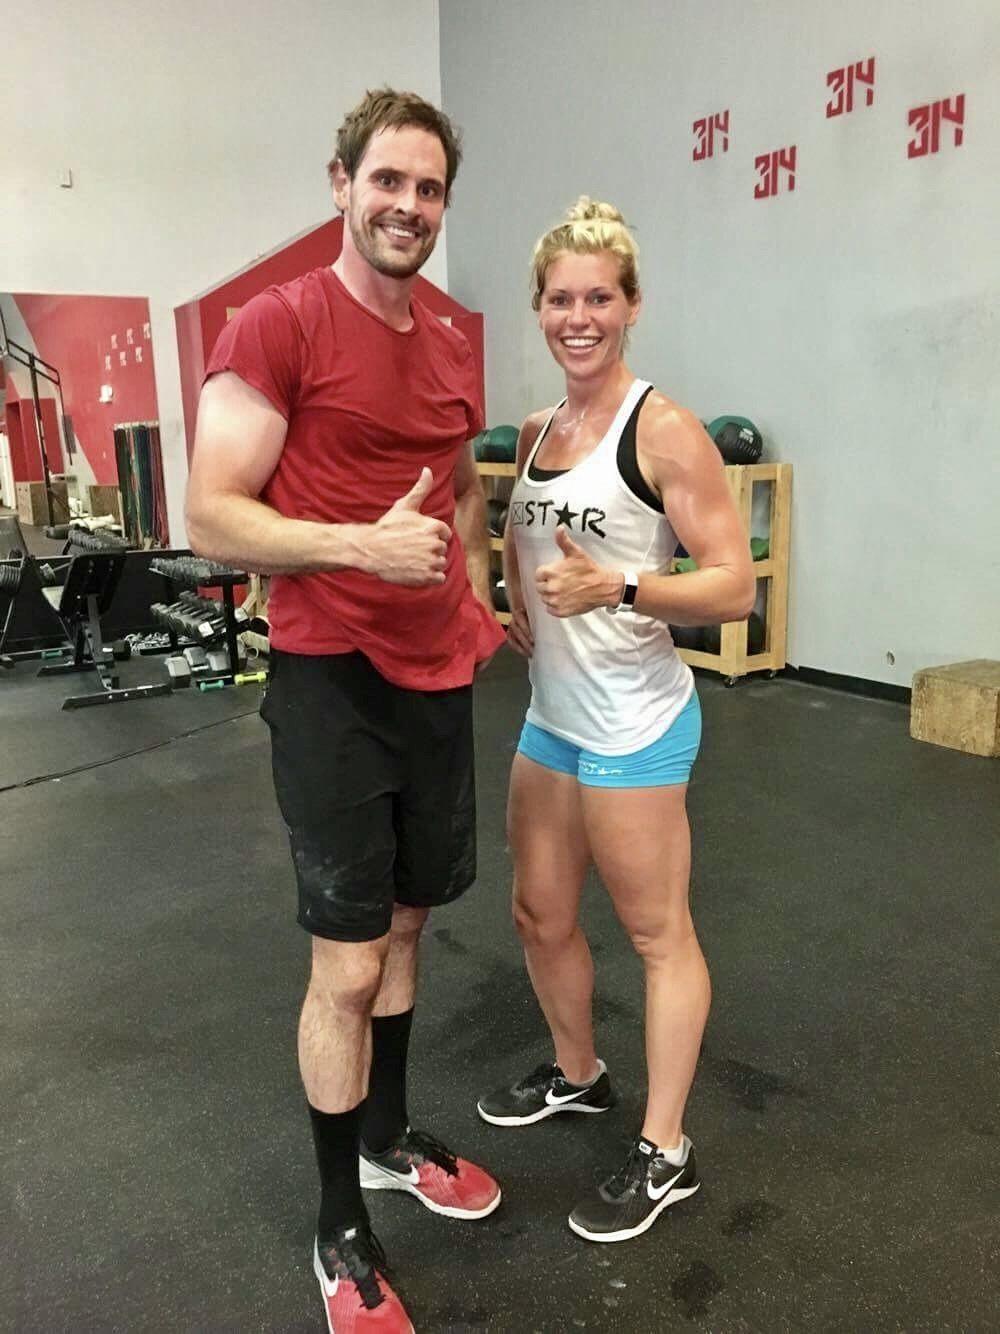 Personal Trainer St.-louis, Missouri - Brittany Storandt